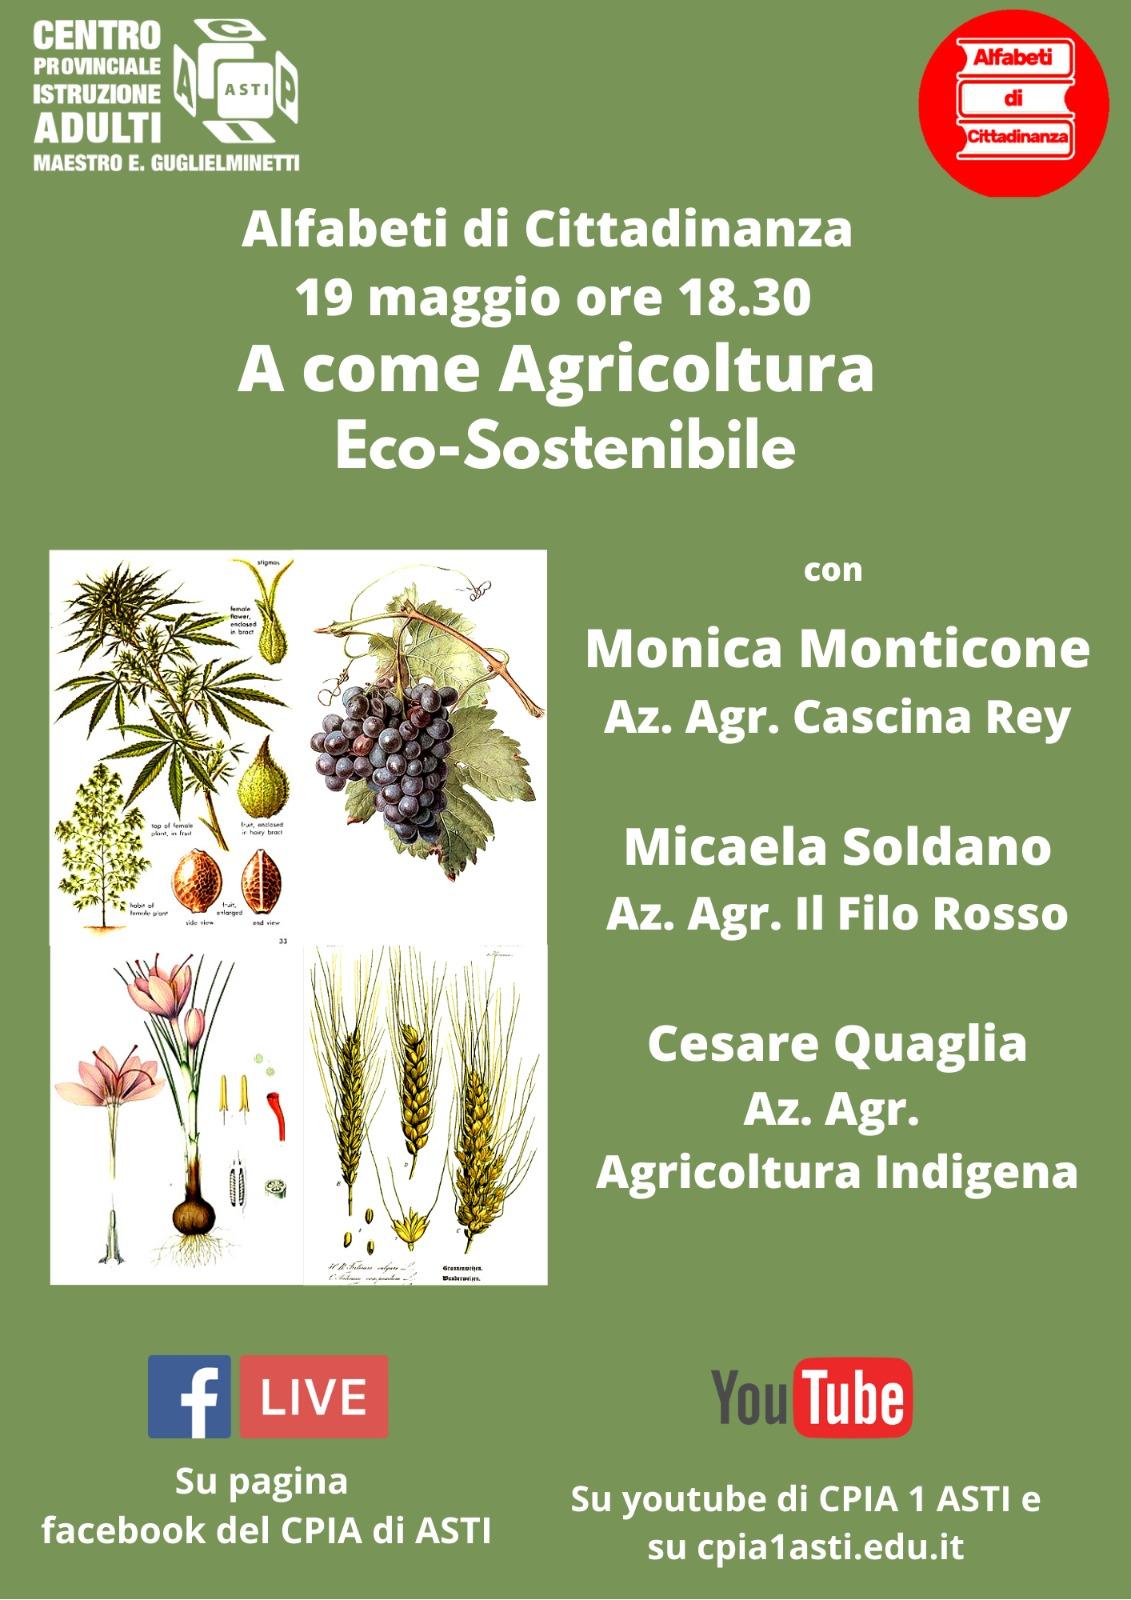 Alfabeti di Cittadinanza – A come Agricoltura Eco-Sostenibile – 19 maggio 2021